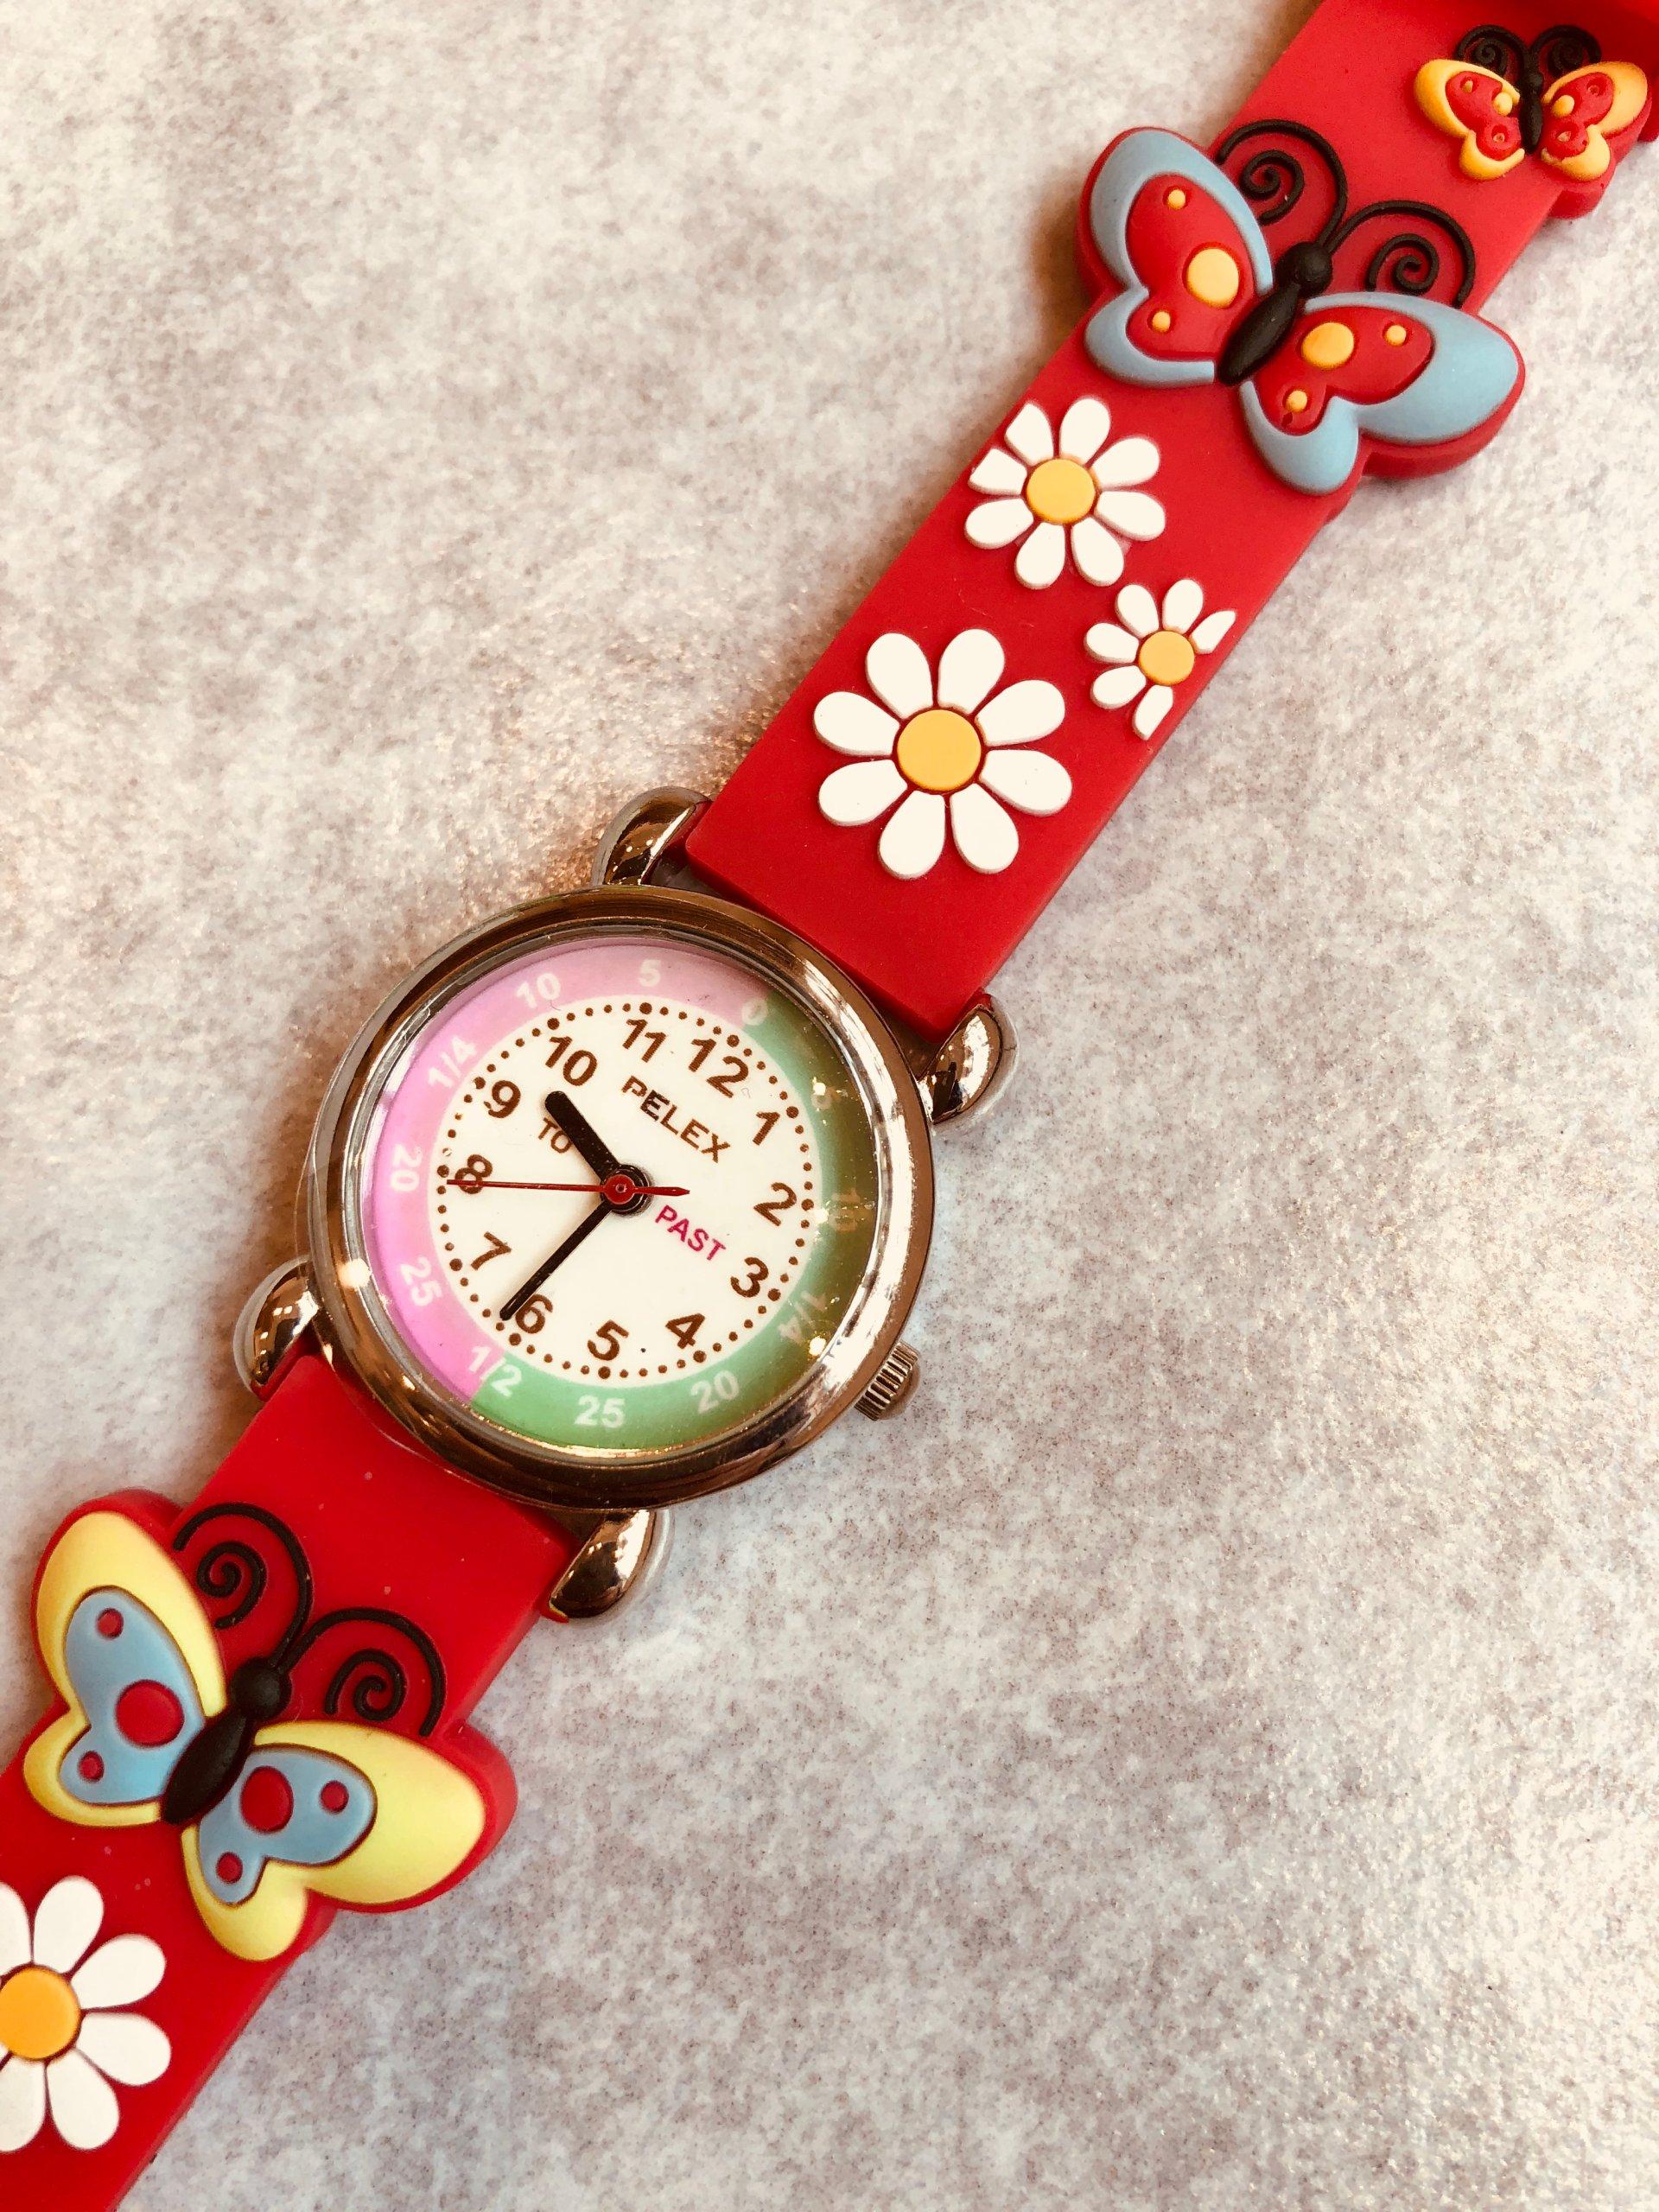 Zegarek Dzieciecy Pelex Motylek Stokrotki Czerwony